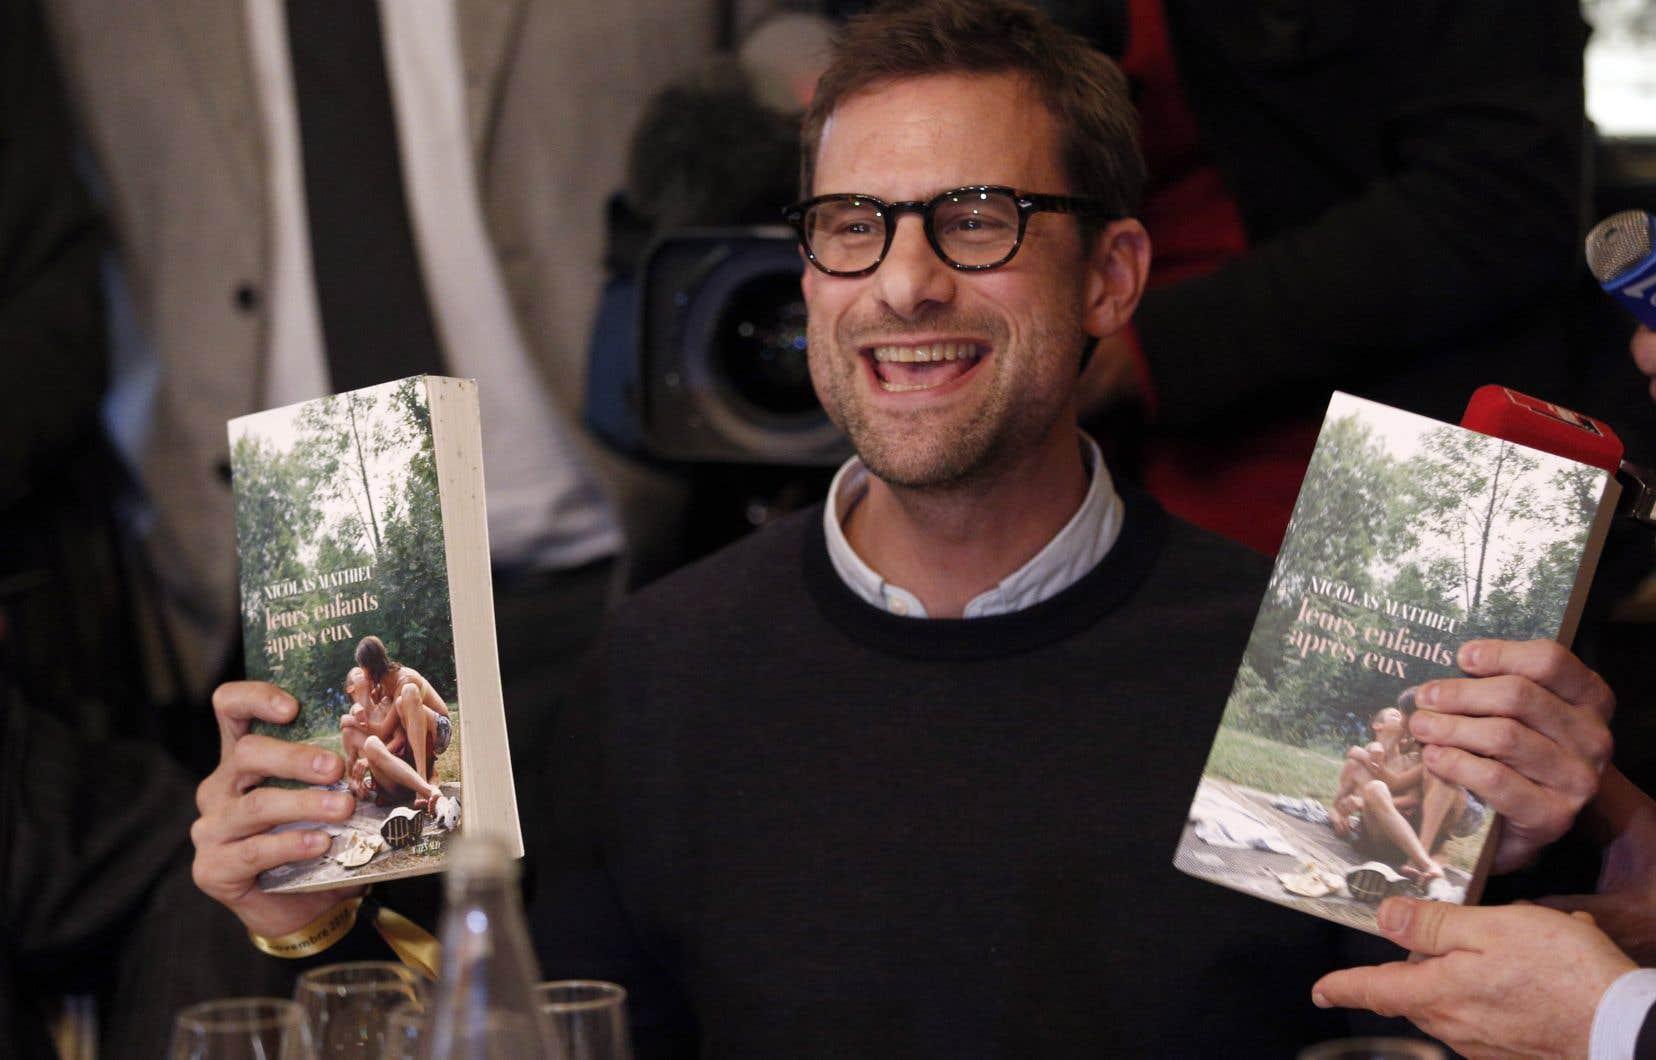 Le plus prestigieux prix littéraire francophone a été remis à l'auteur français Nicolas Mathieu.